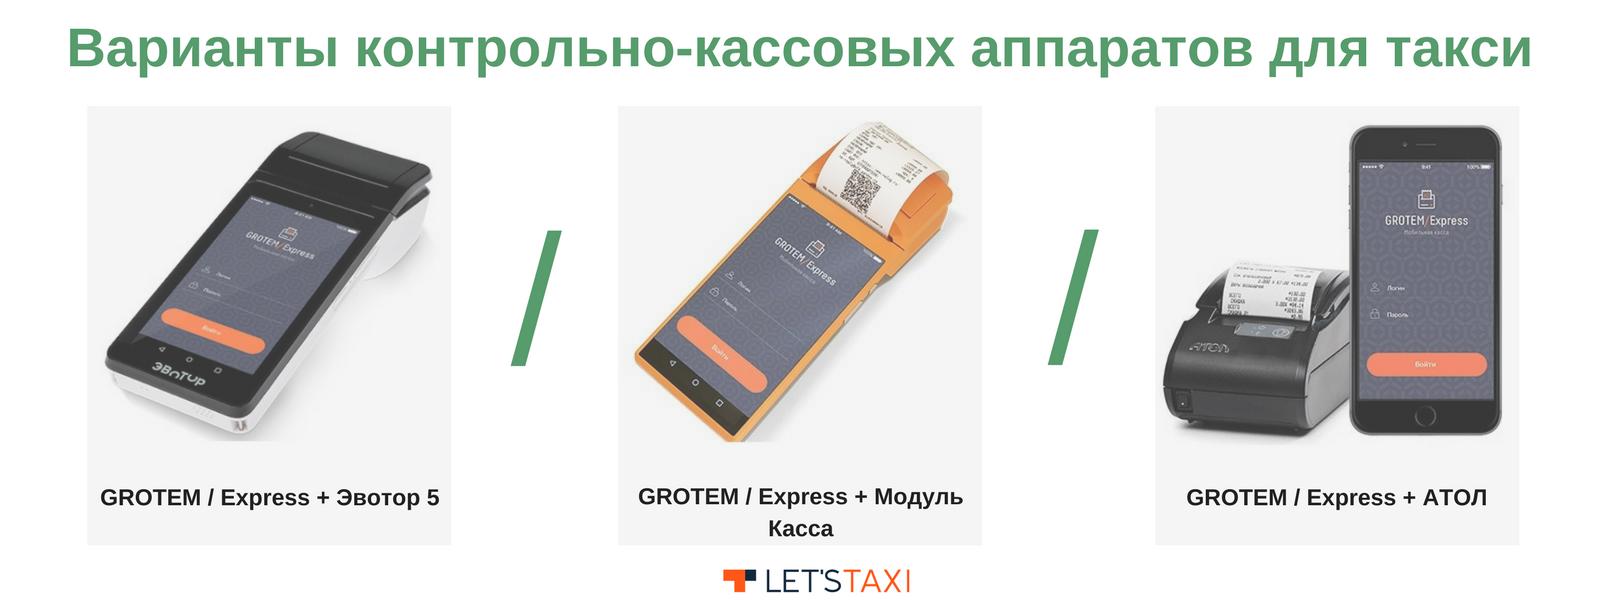 ККТ для такси grotem